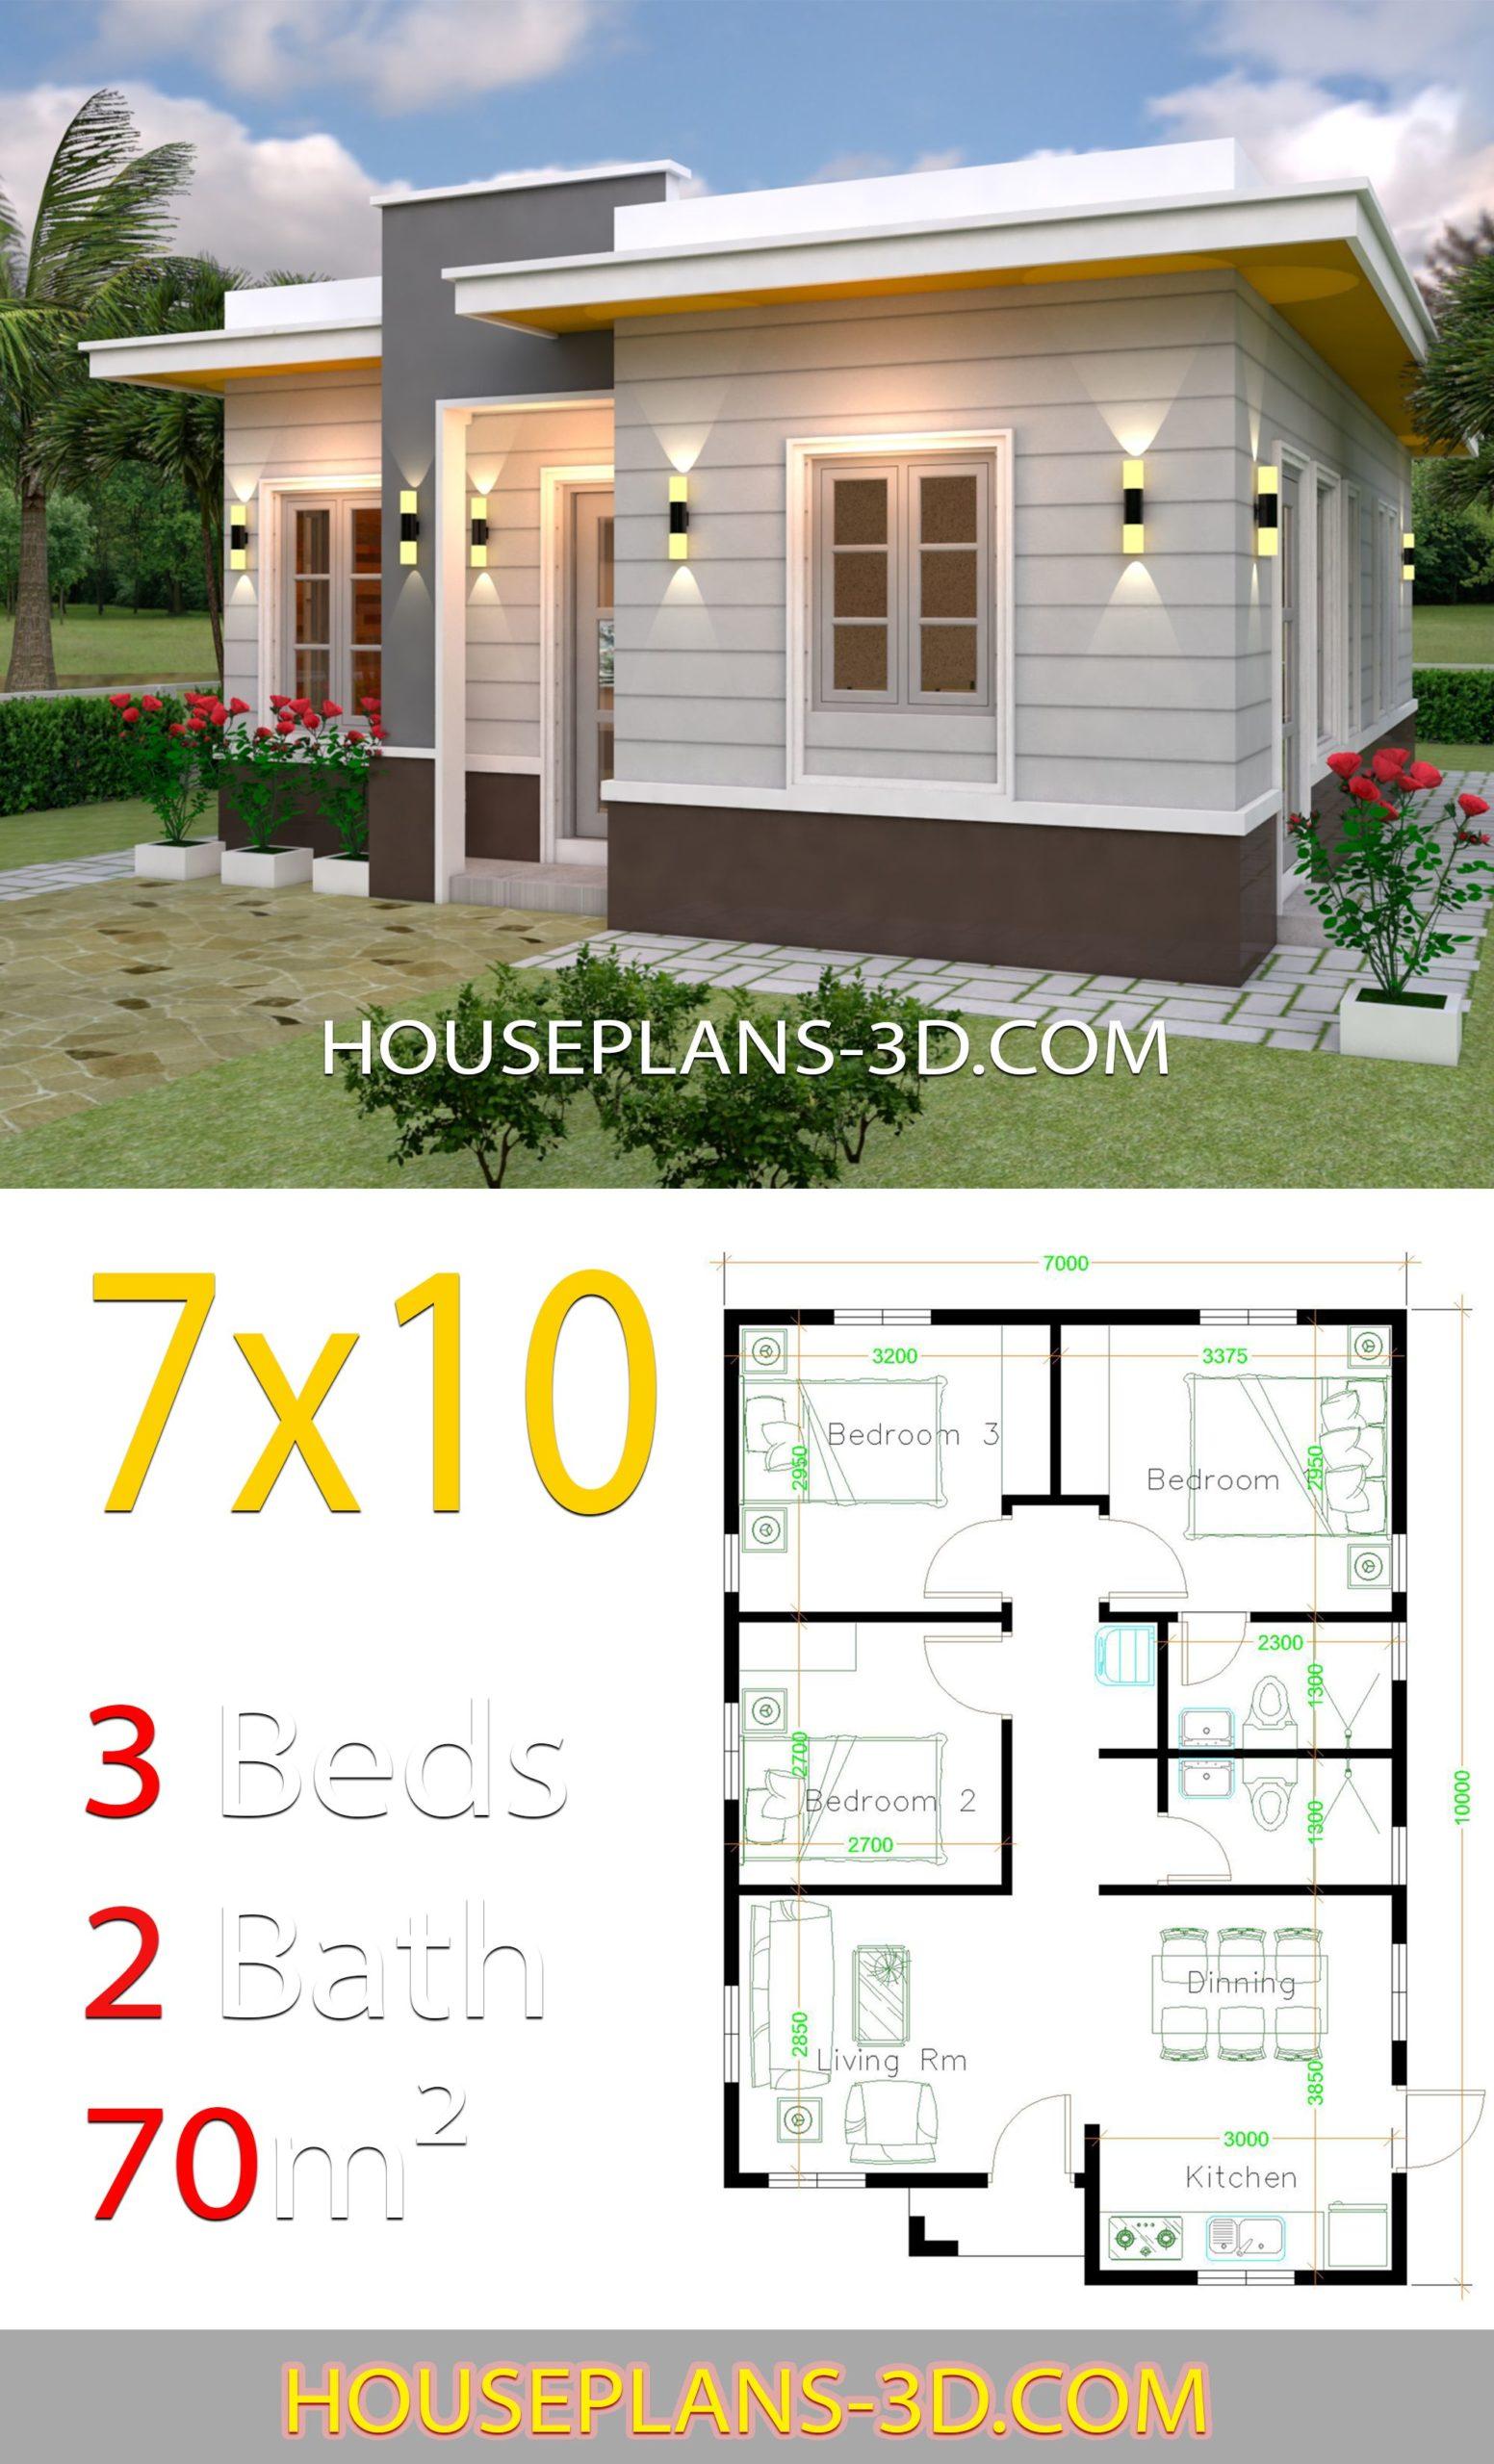 Planos y fachadas para casas de 7x10 de una planta